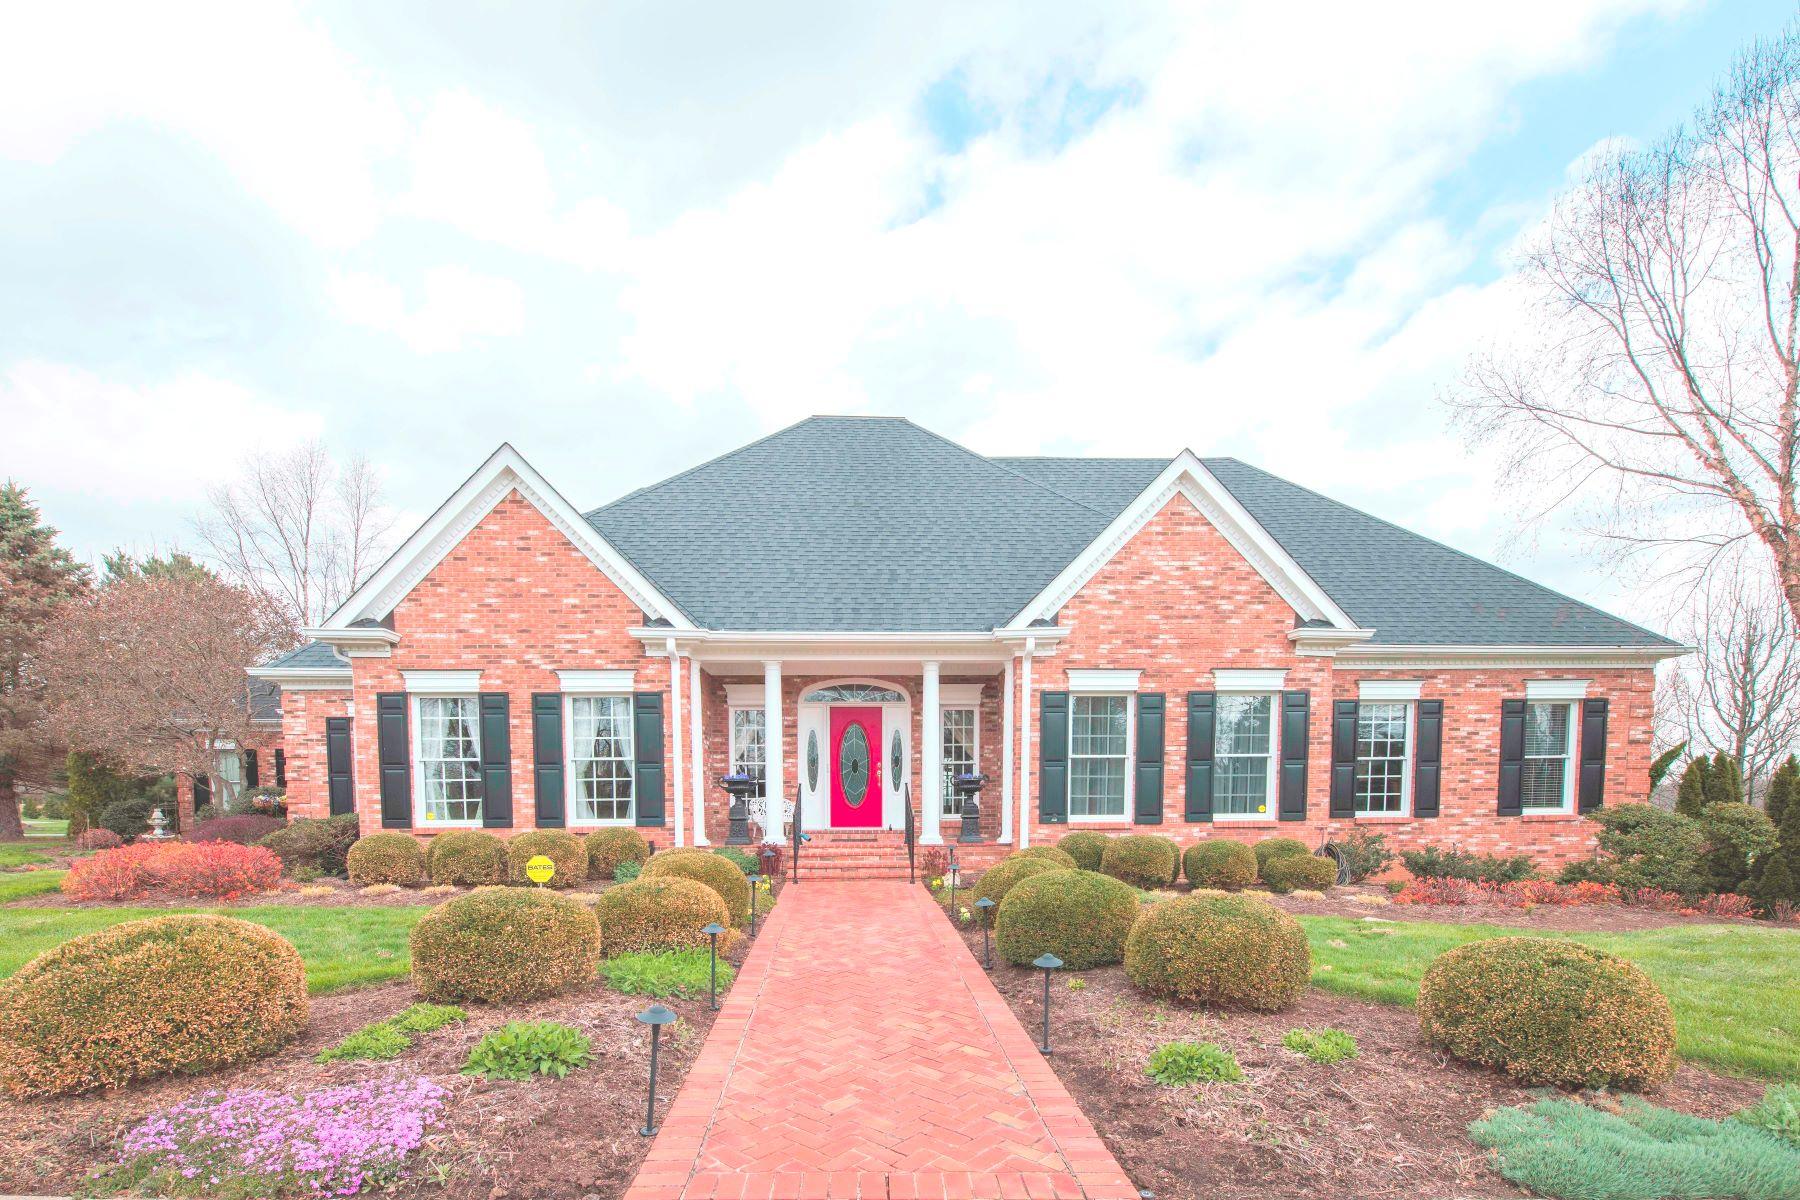 Single Family Homes pour l Vente à 23 Avenue of Champions Nicholasville, Kentucky 40356 États-Unis